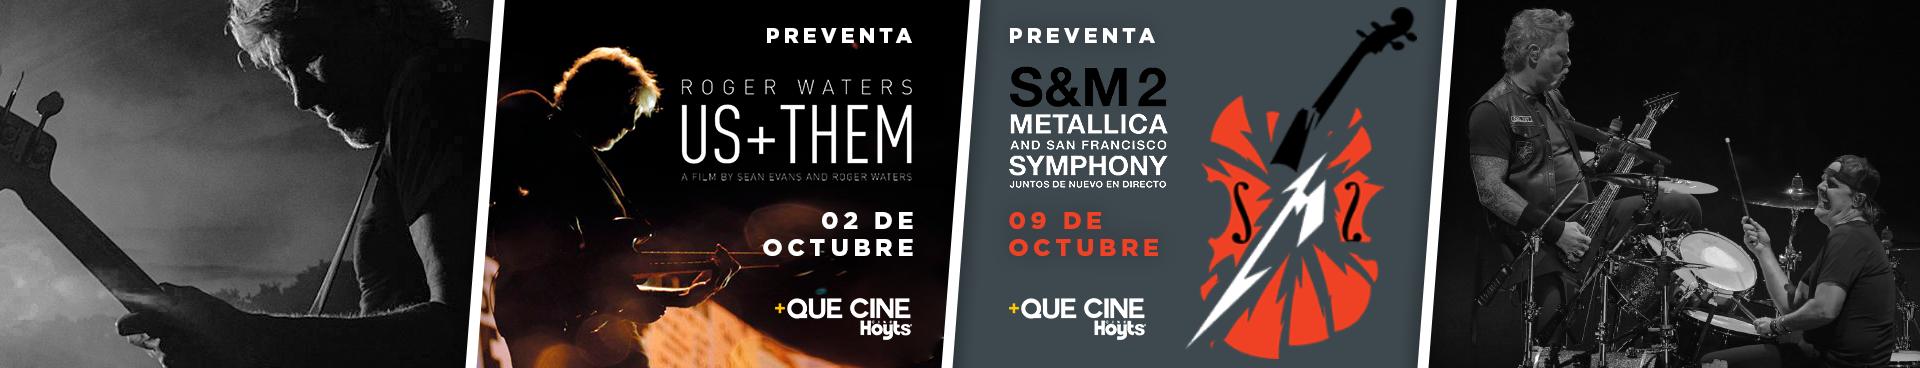 PREVENTA +QUE CINE OCTUBRE:  ROGER WATERS US + THEM 02 DE OCTUBRE + PREVENTA METALLICA, 09 DE OCTUBRE,  COMPRA AQUÍ TUS ENTRADAS